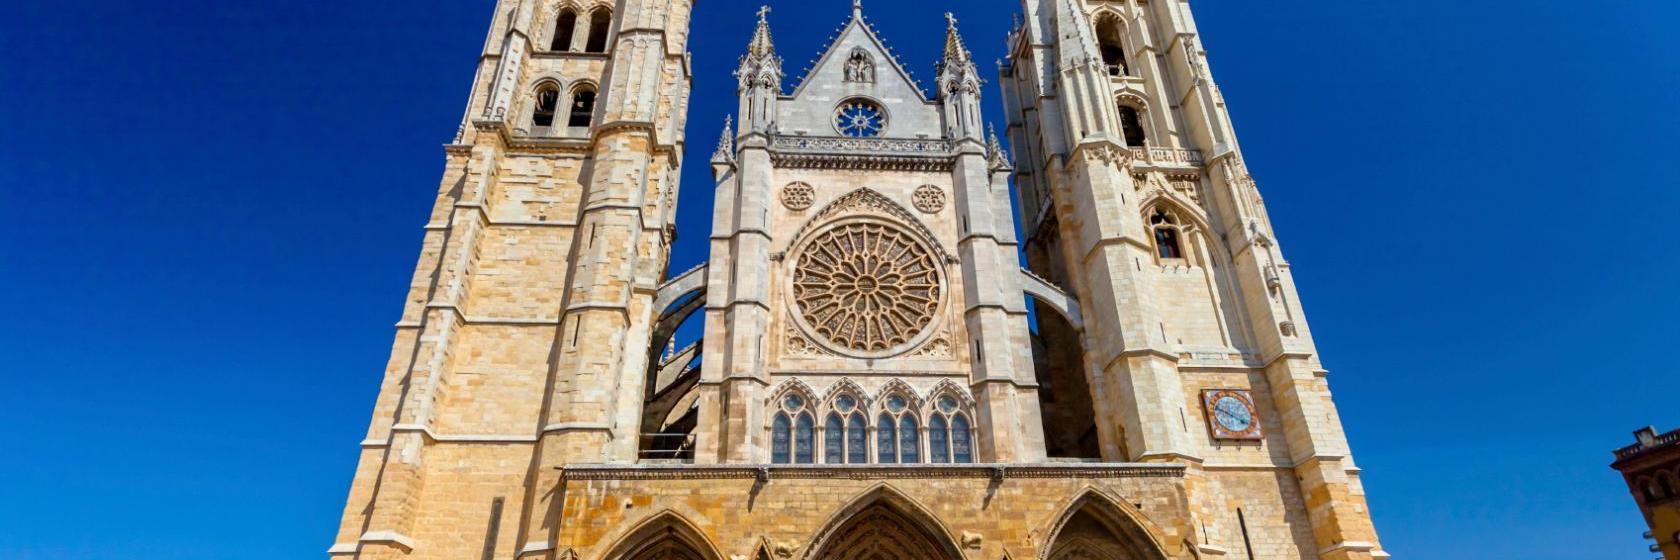 Los 10 mejores hoteles de León, España (precios desde $ 1.559)